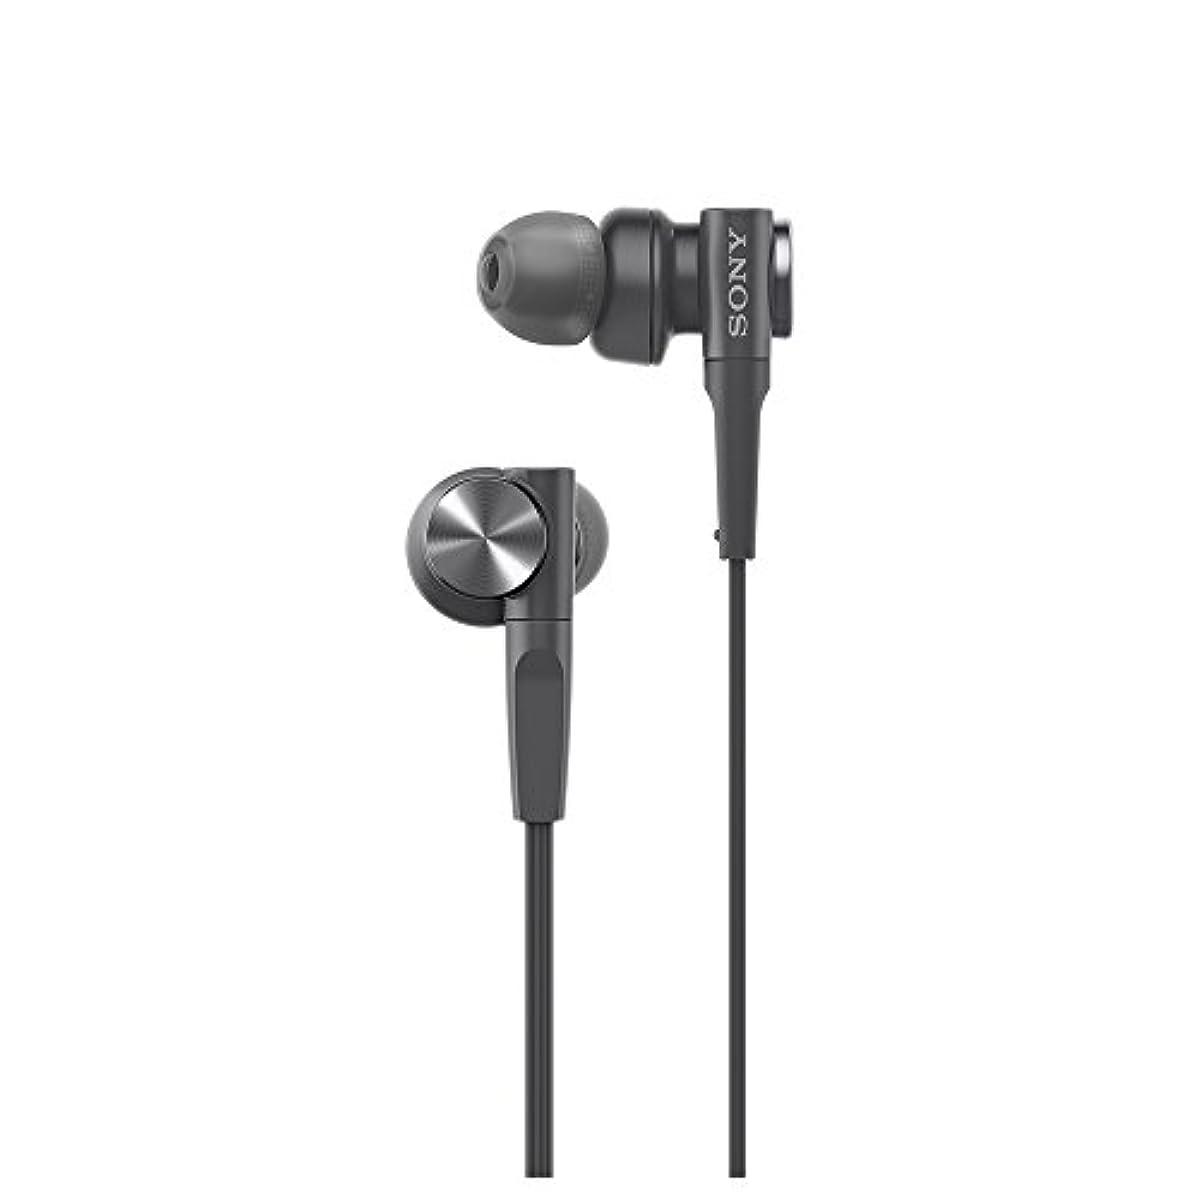 [해외] 소니 SONY 이어폰 중저음 모델 MDR-XB55 : 가나루형 블랙 MDR-XB55 B